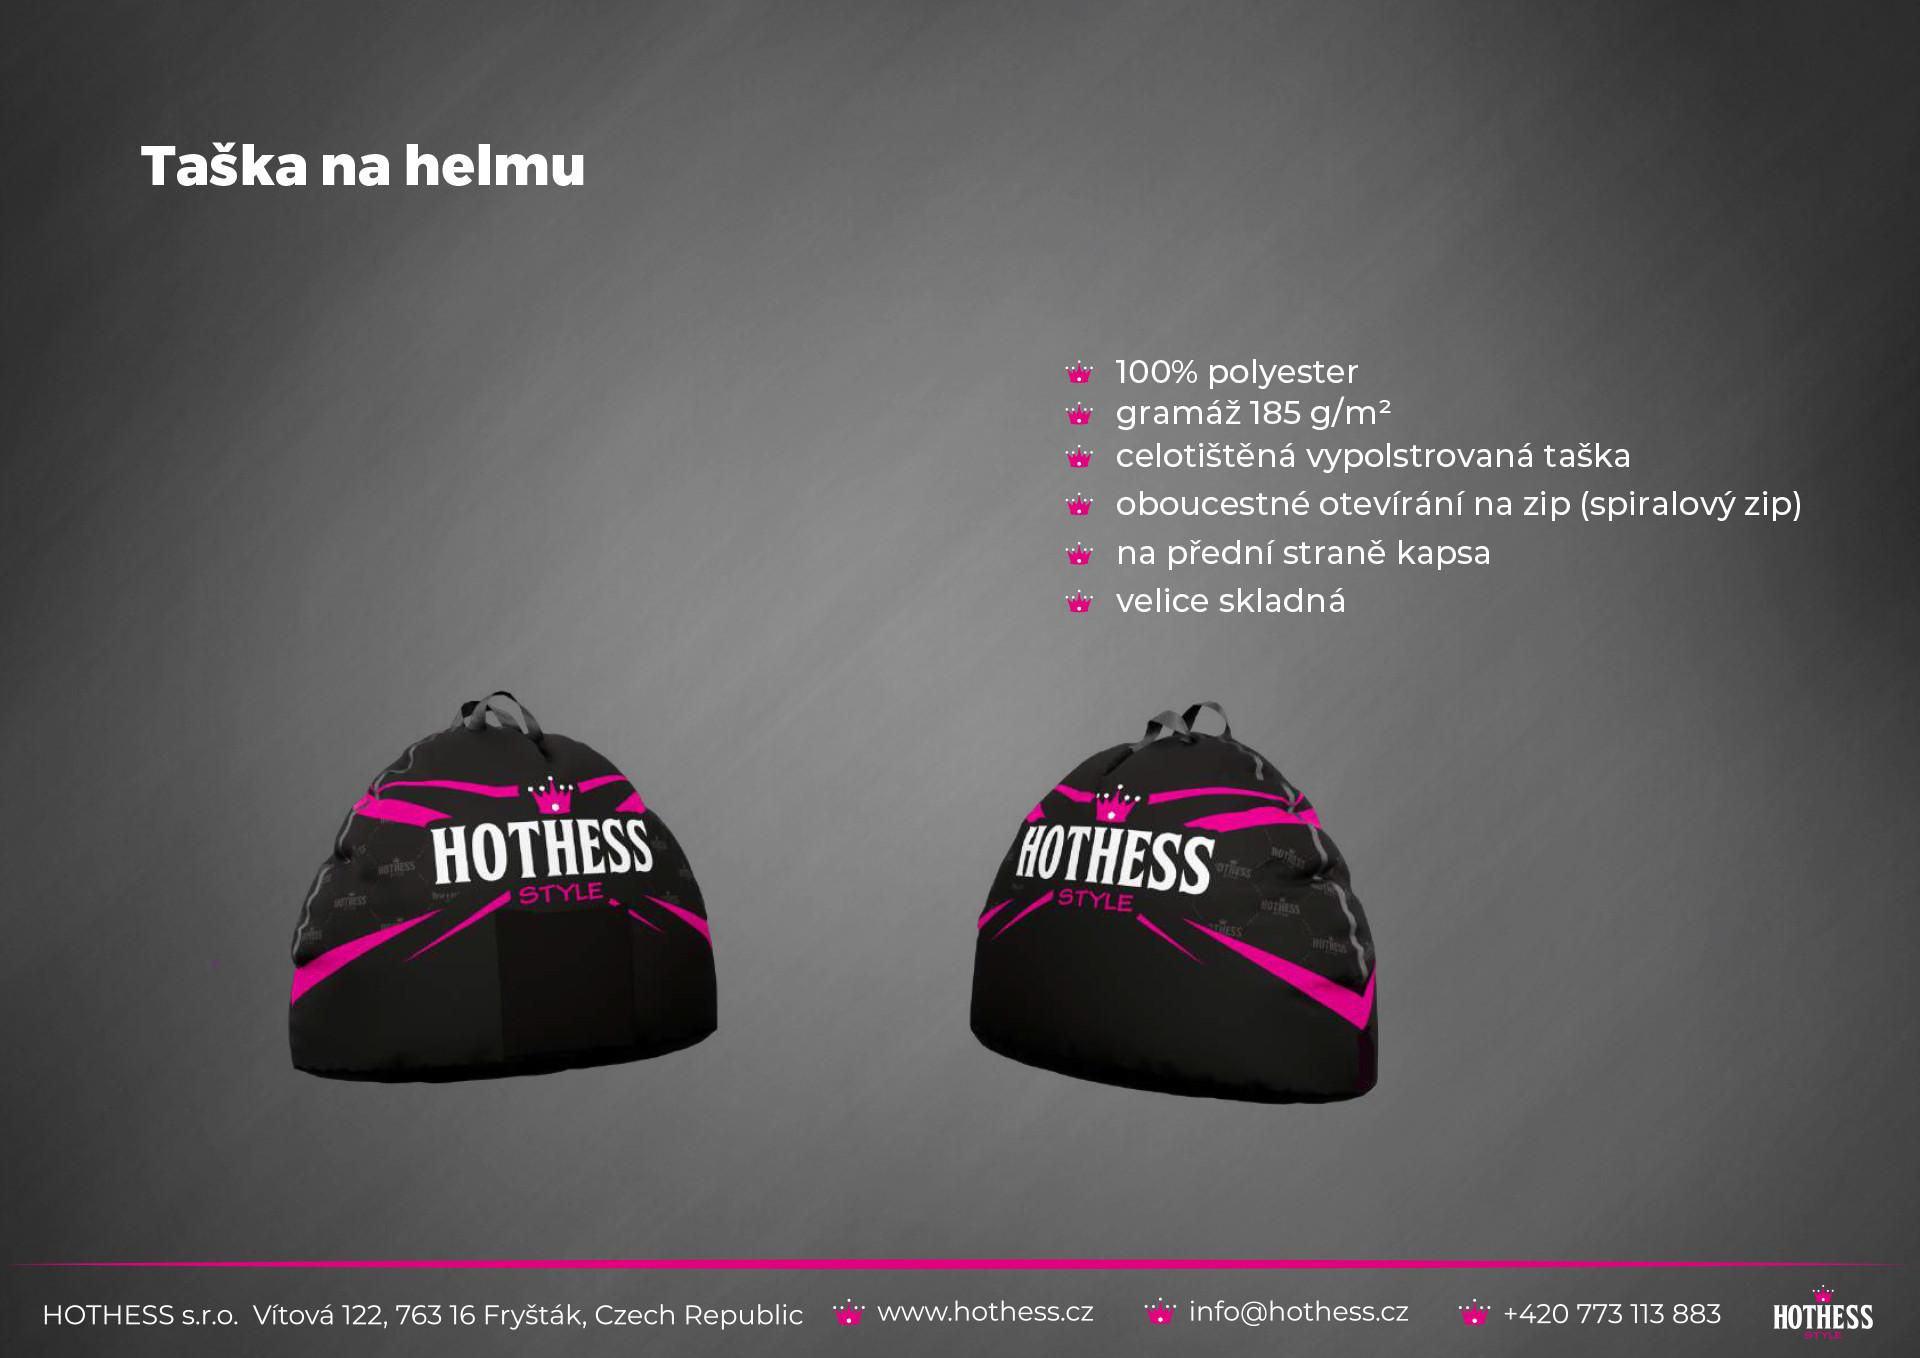 HOTHESS_produkty-36.jpg